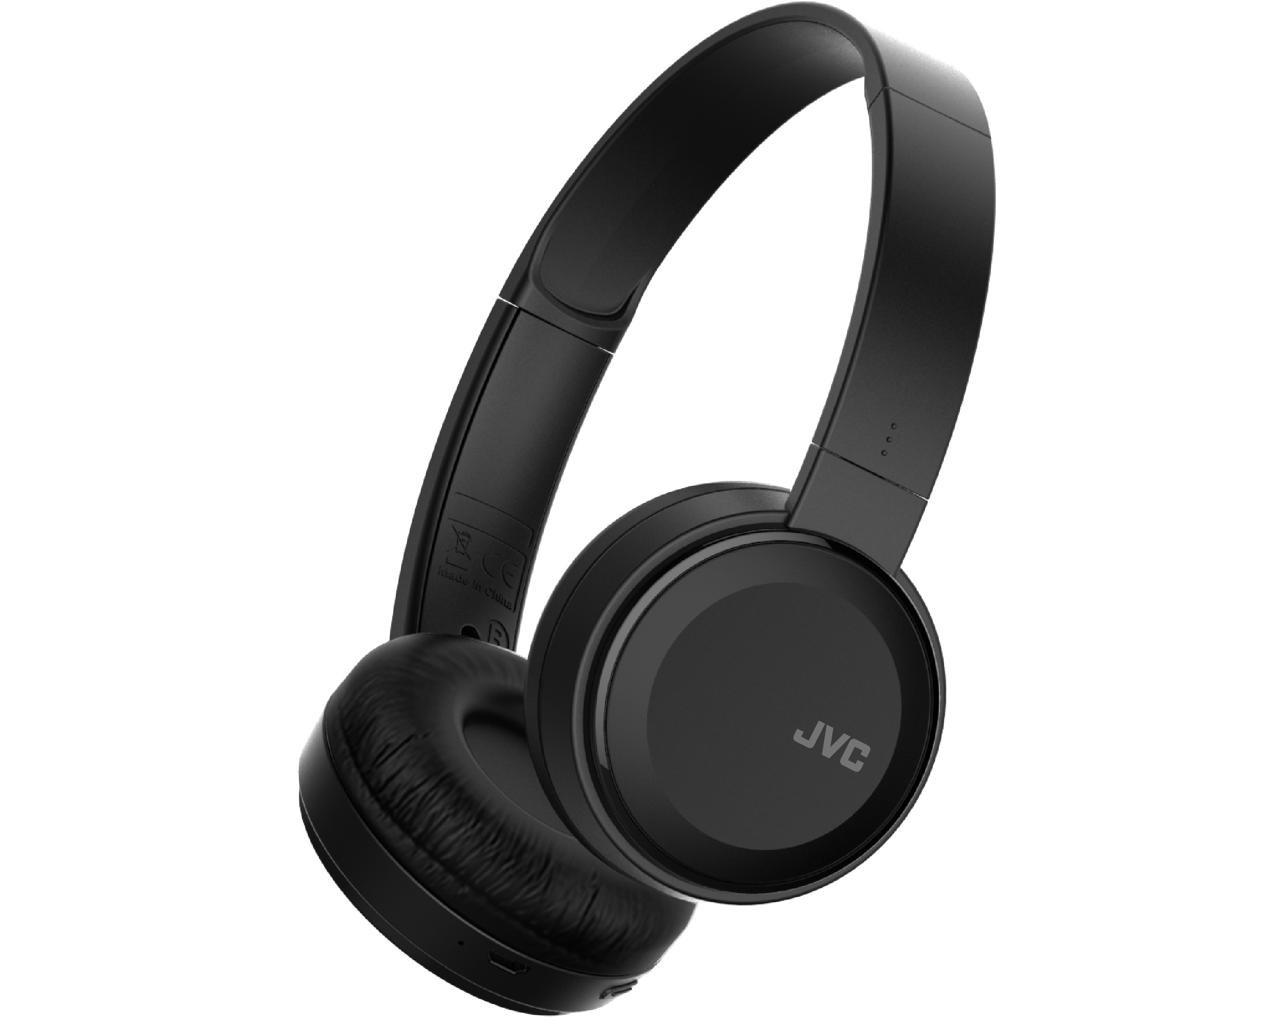 Korting JVC HA S30 B E hoofdtelefoon